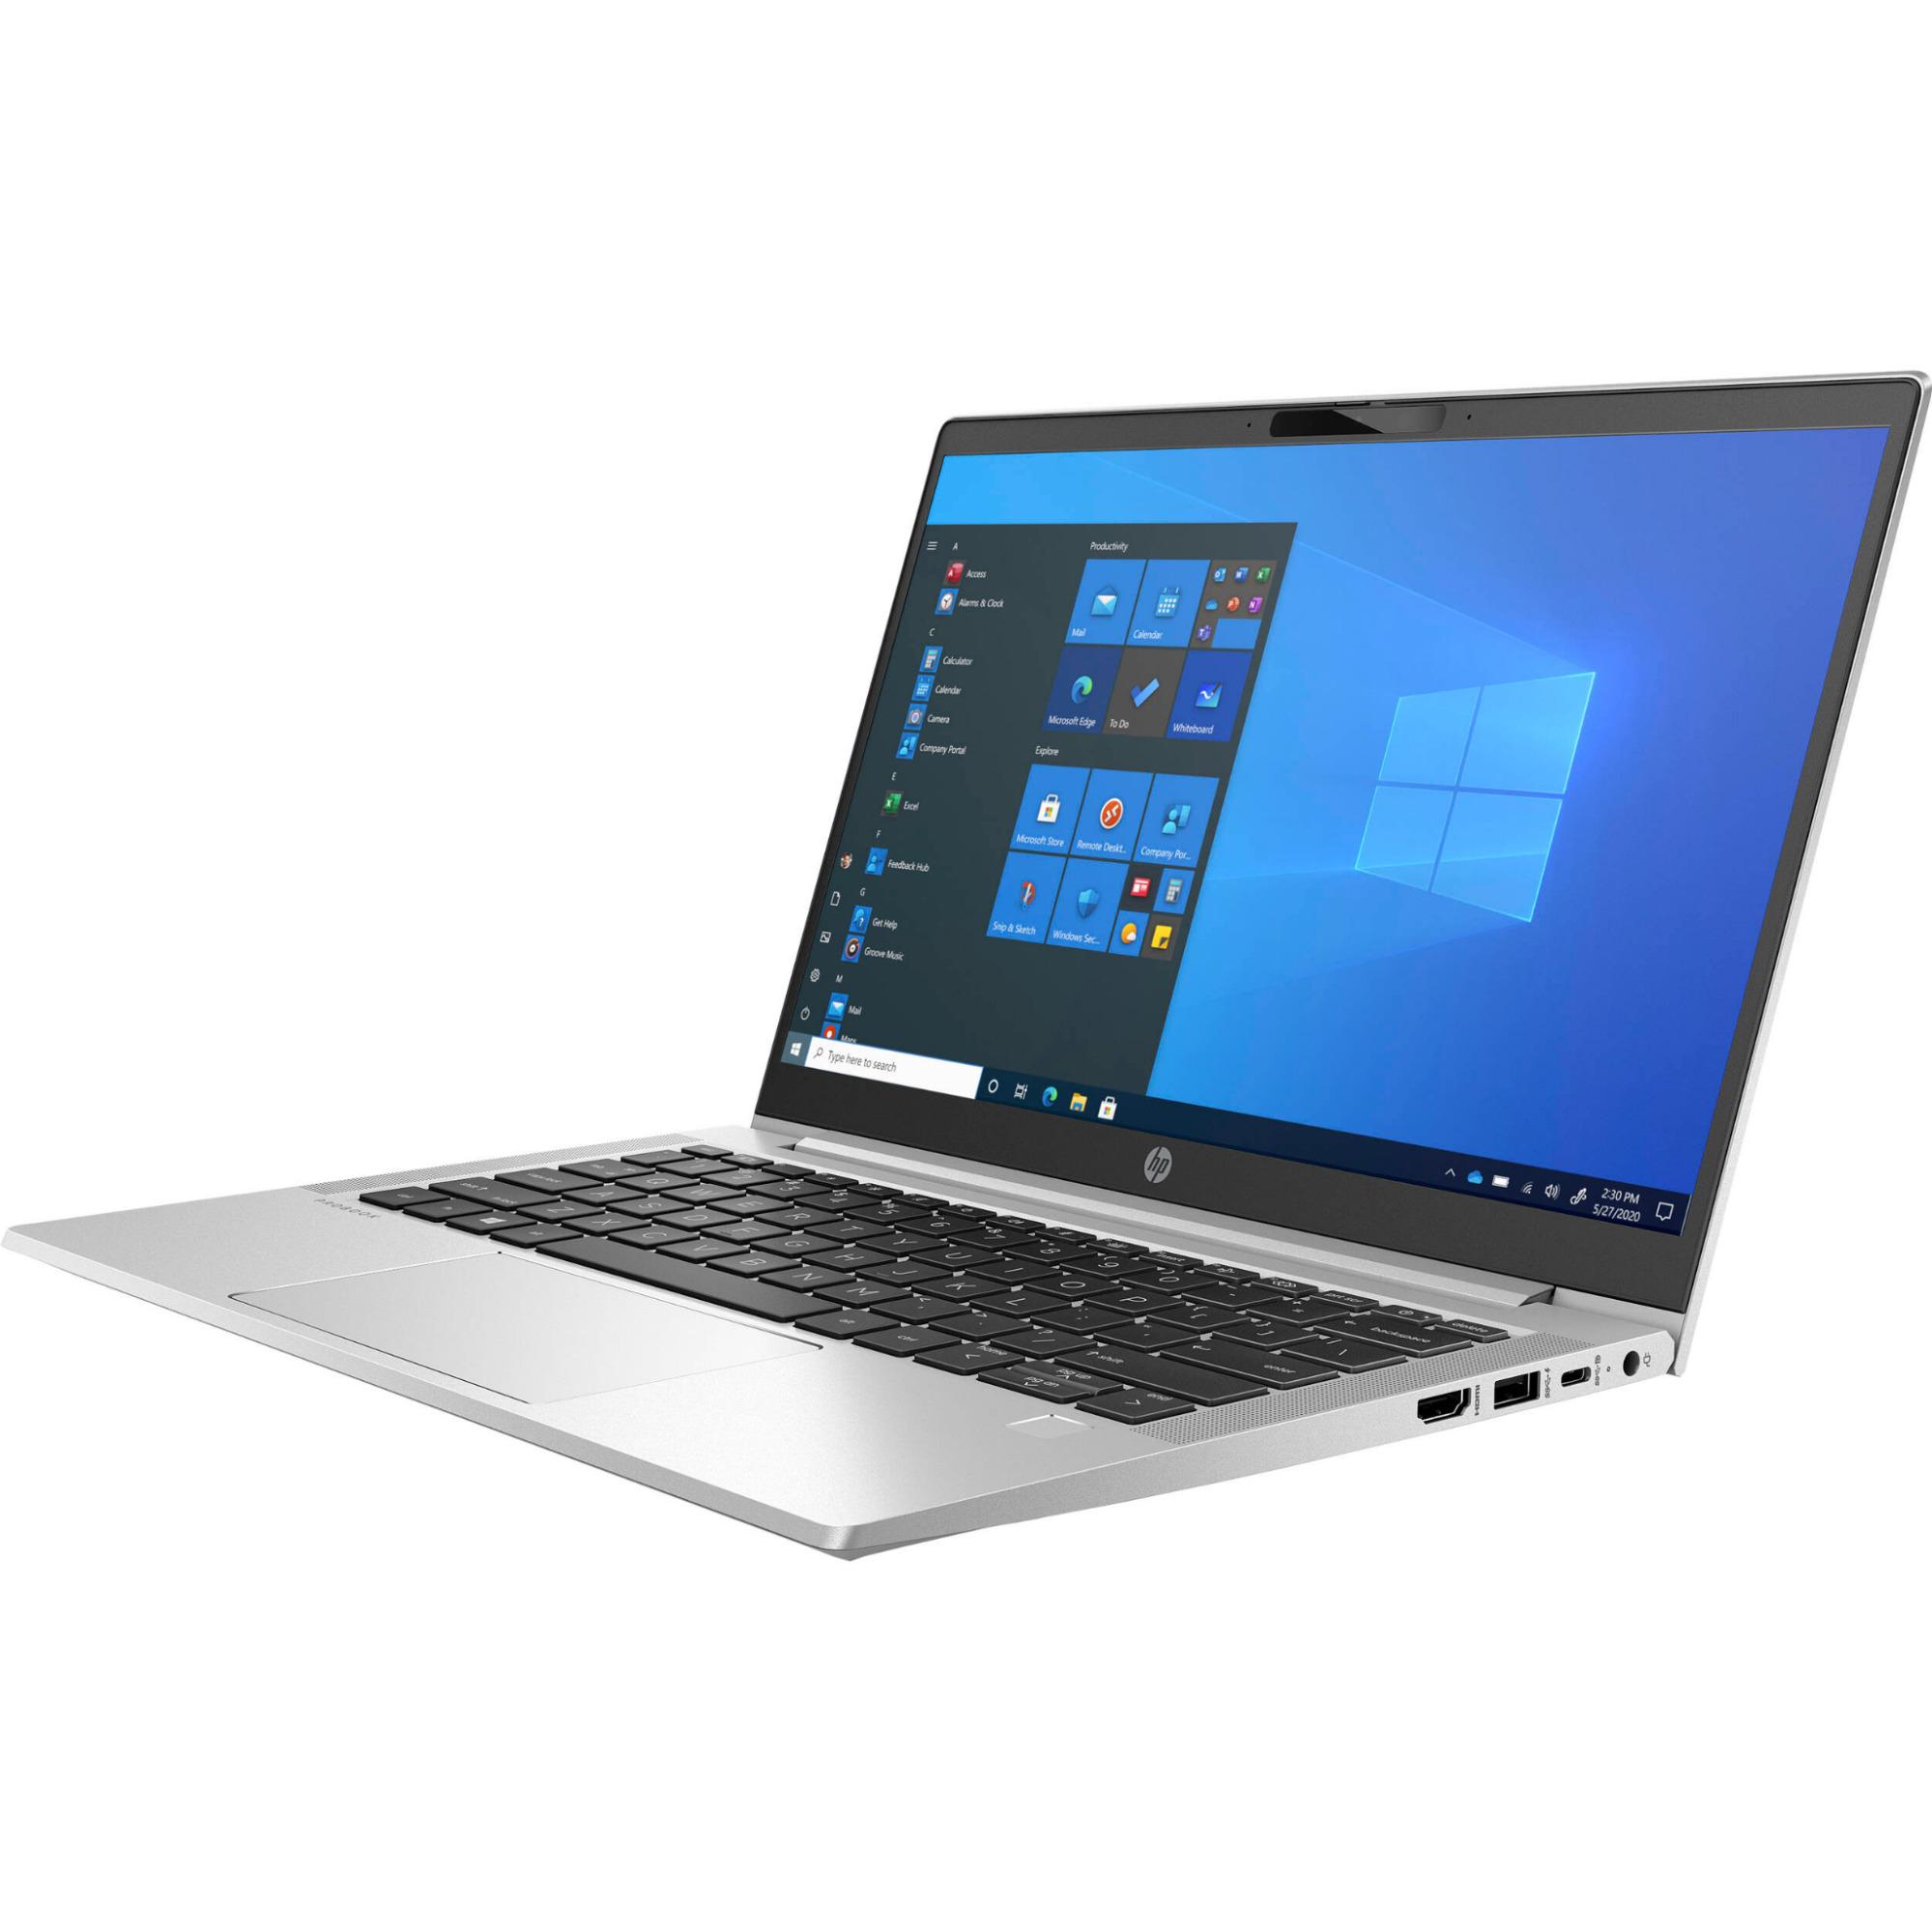 HP Probook 430 G8 2H0N7PA siêu mỏng và sắc nét